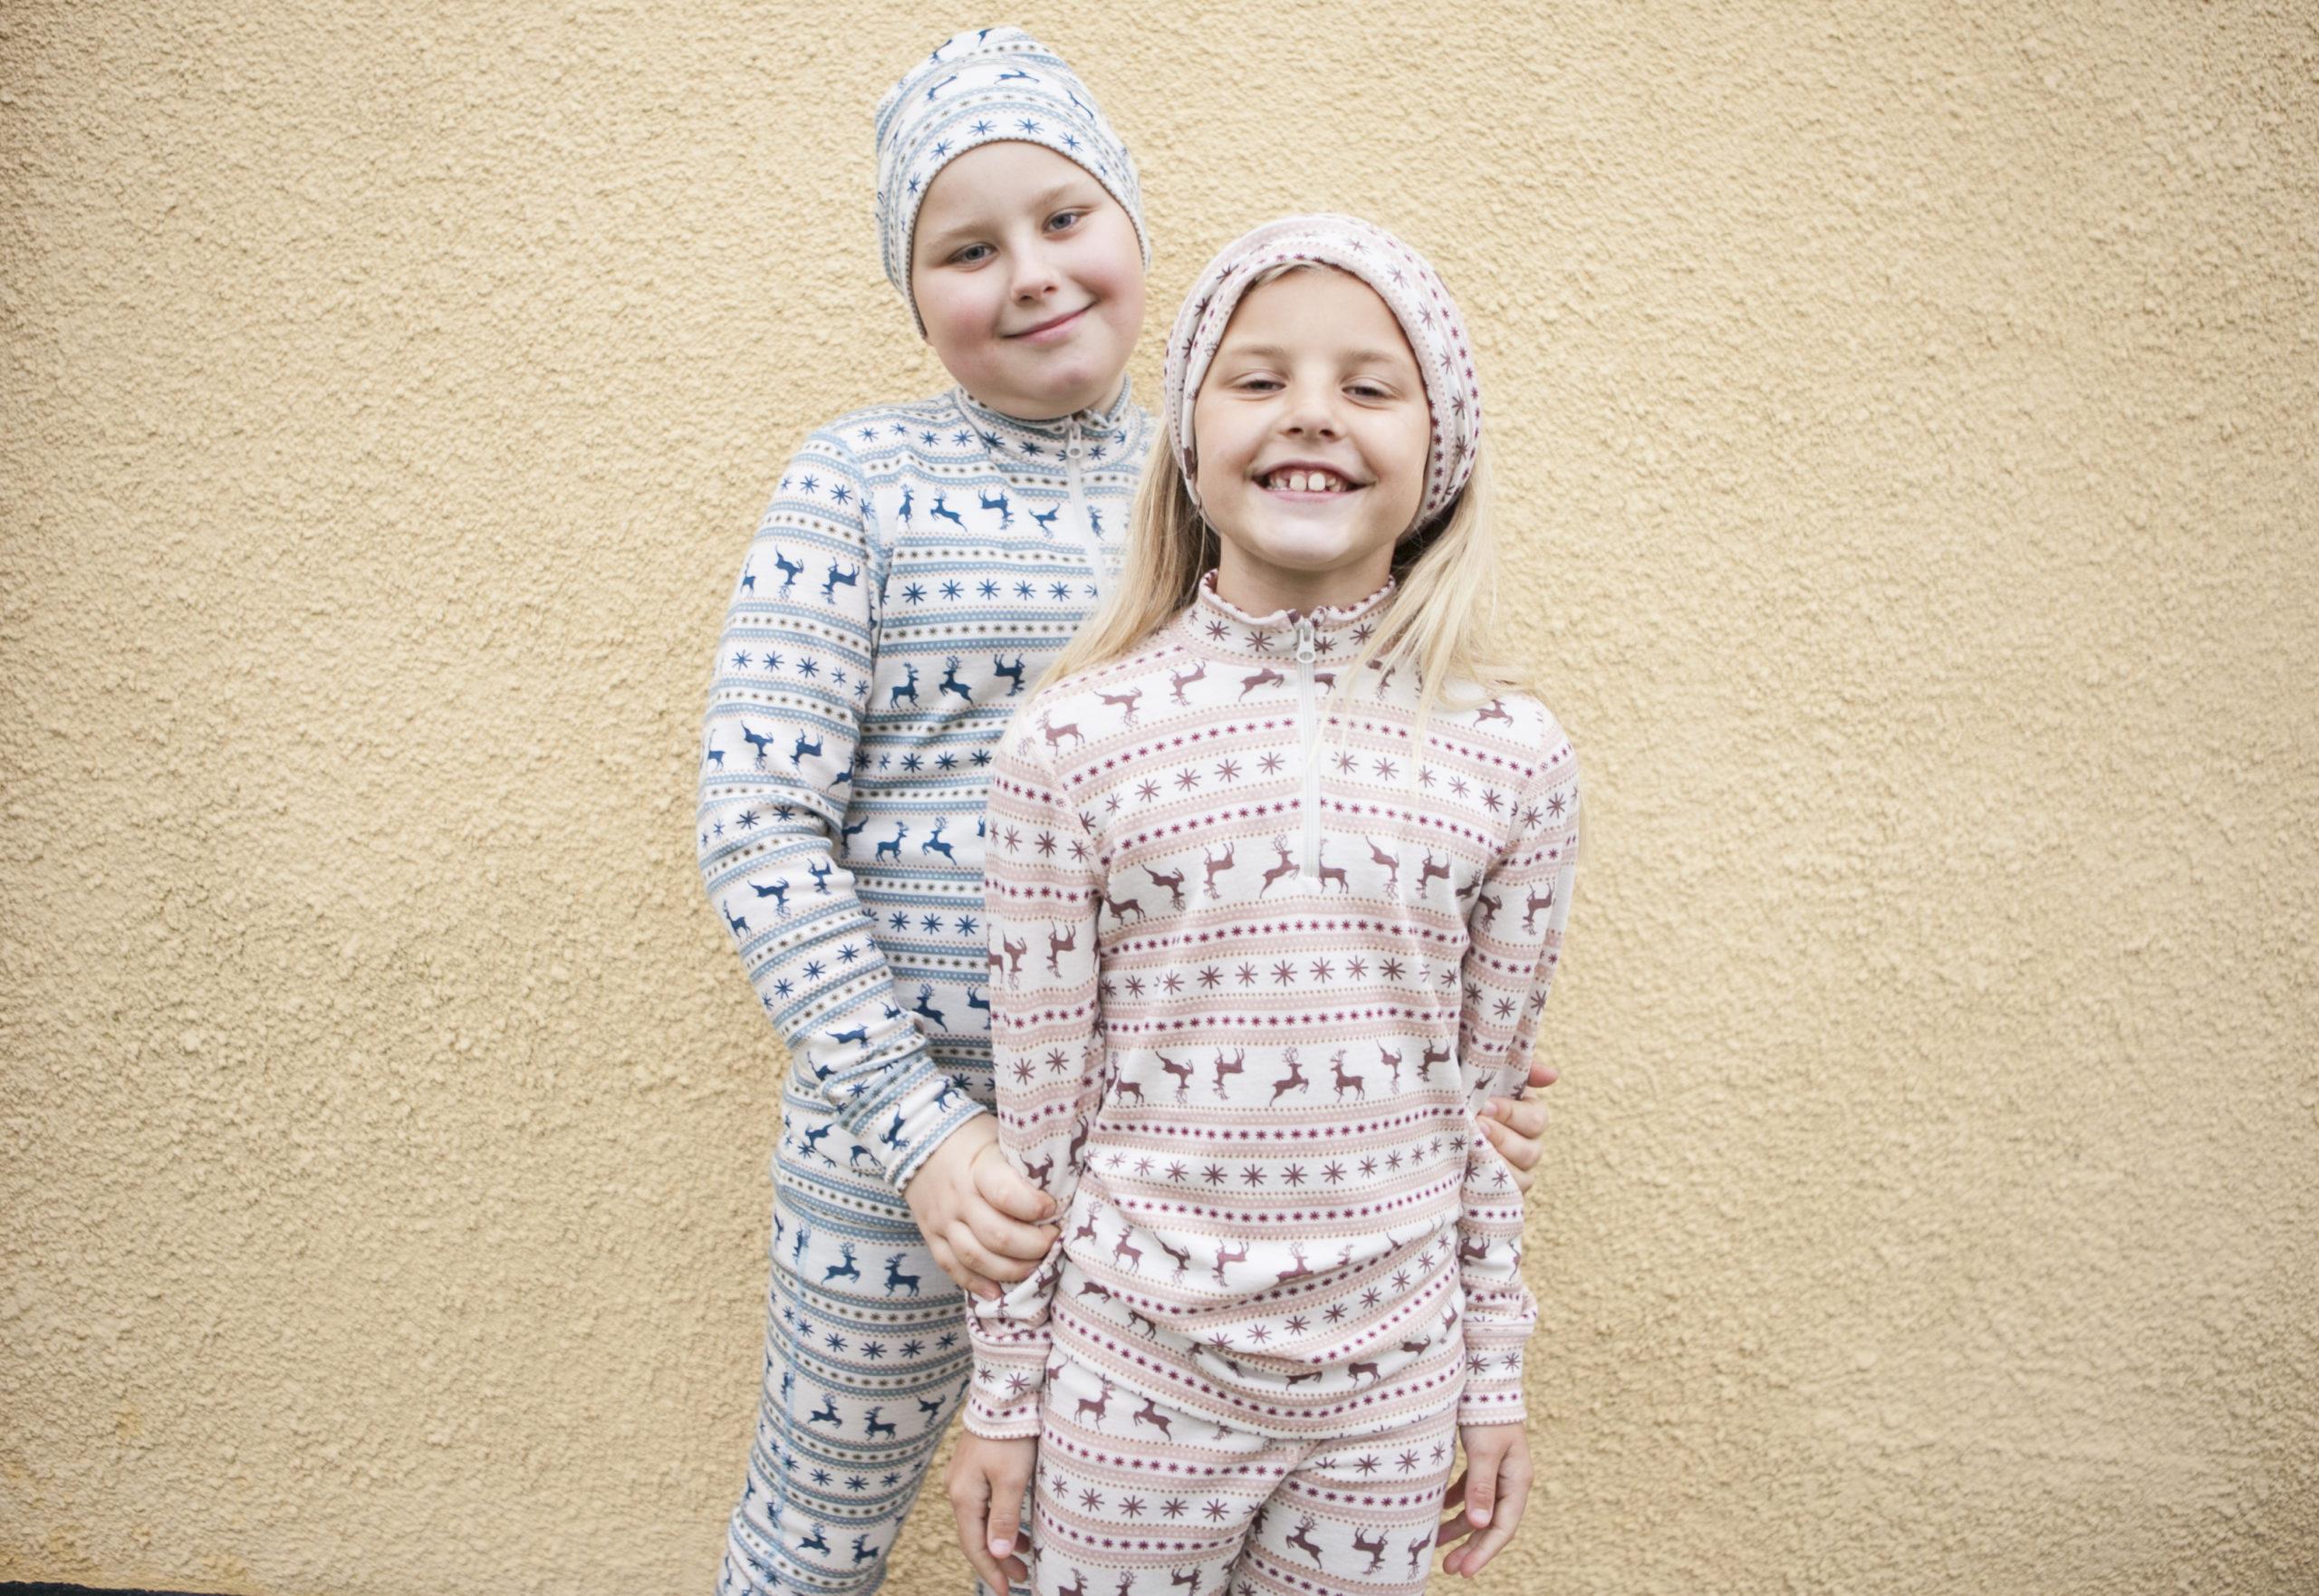 7.Joha Ull reinsdyr kids gutt og jente MG7339